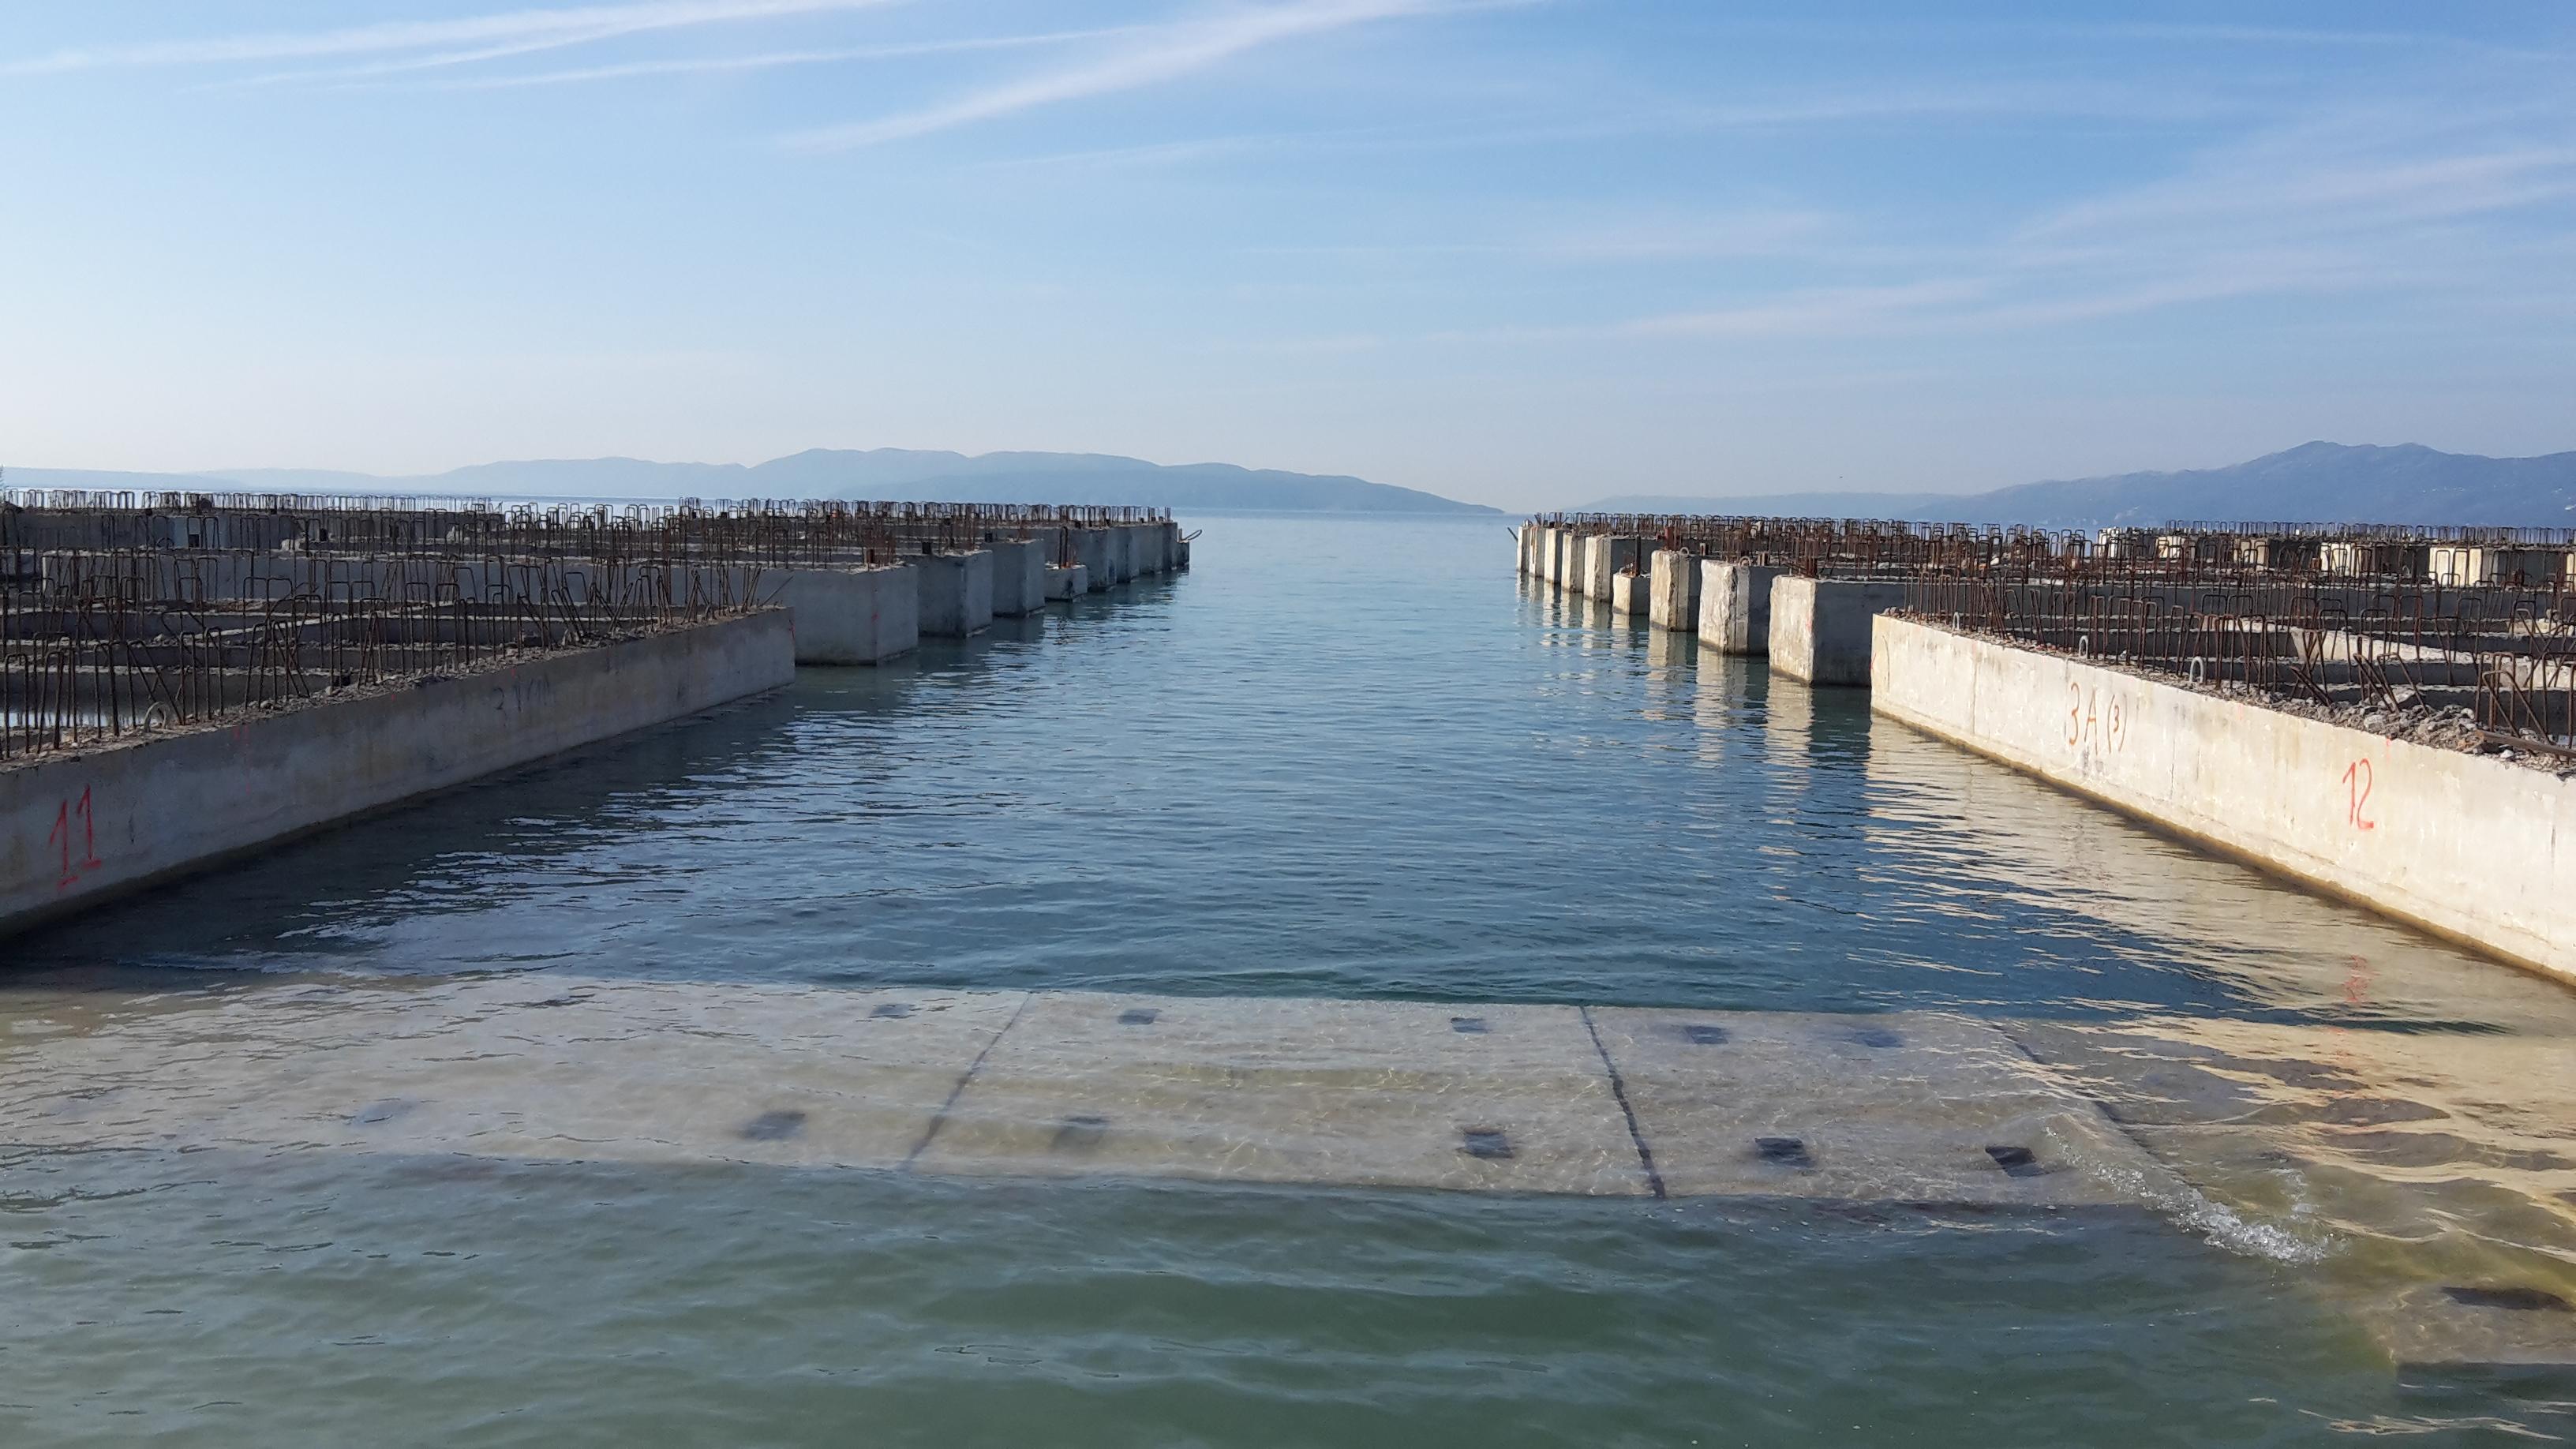 Izgradnja Zagreb Deep Sea kontejnerskog terminala - 2016. godina